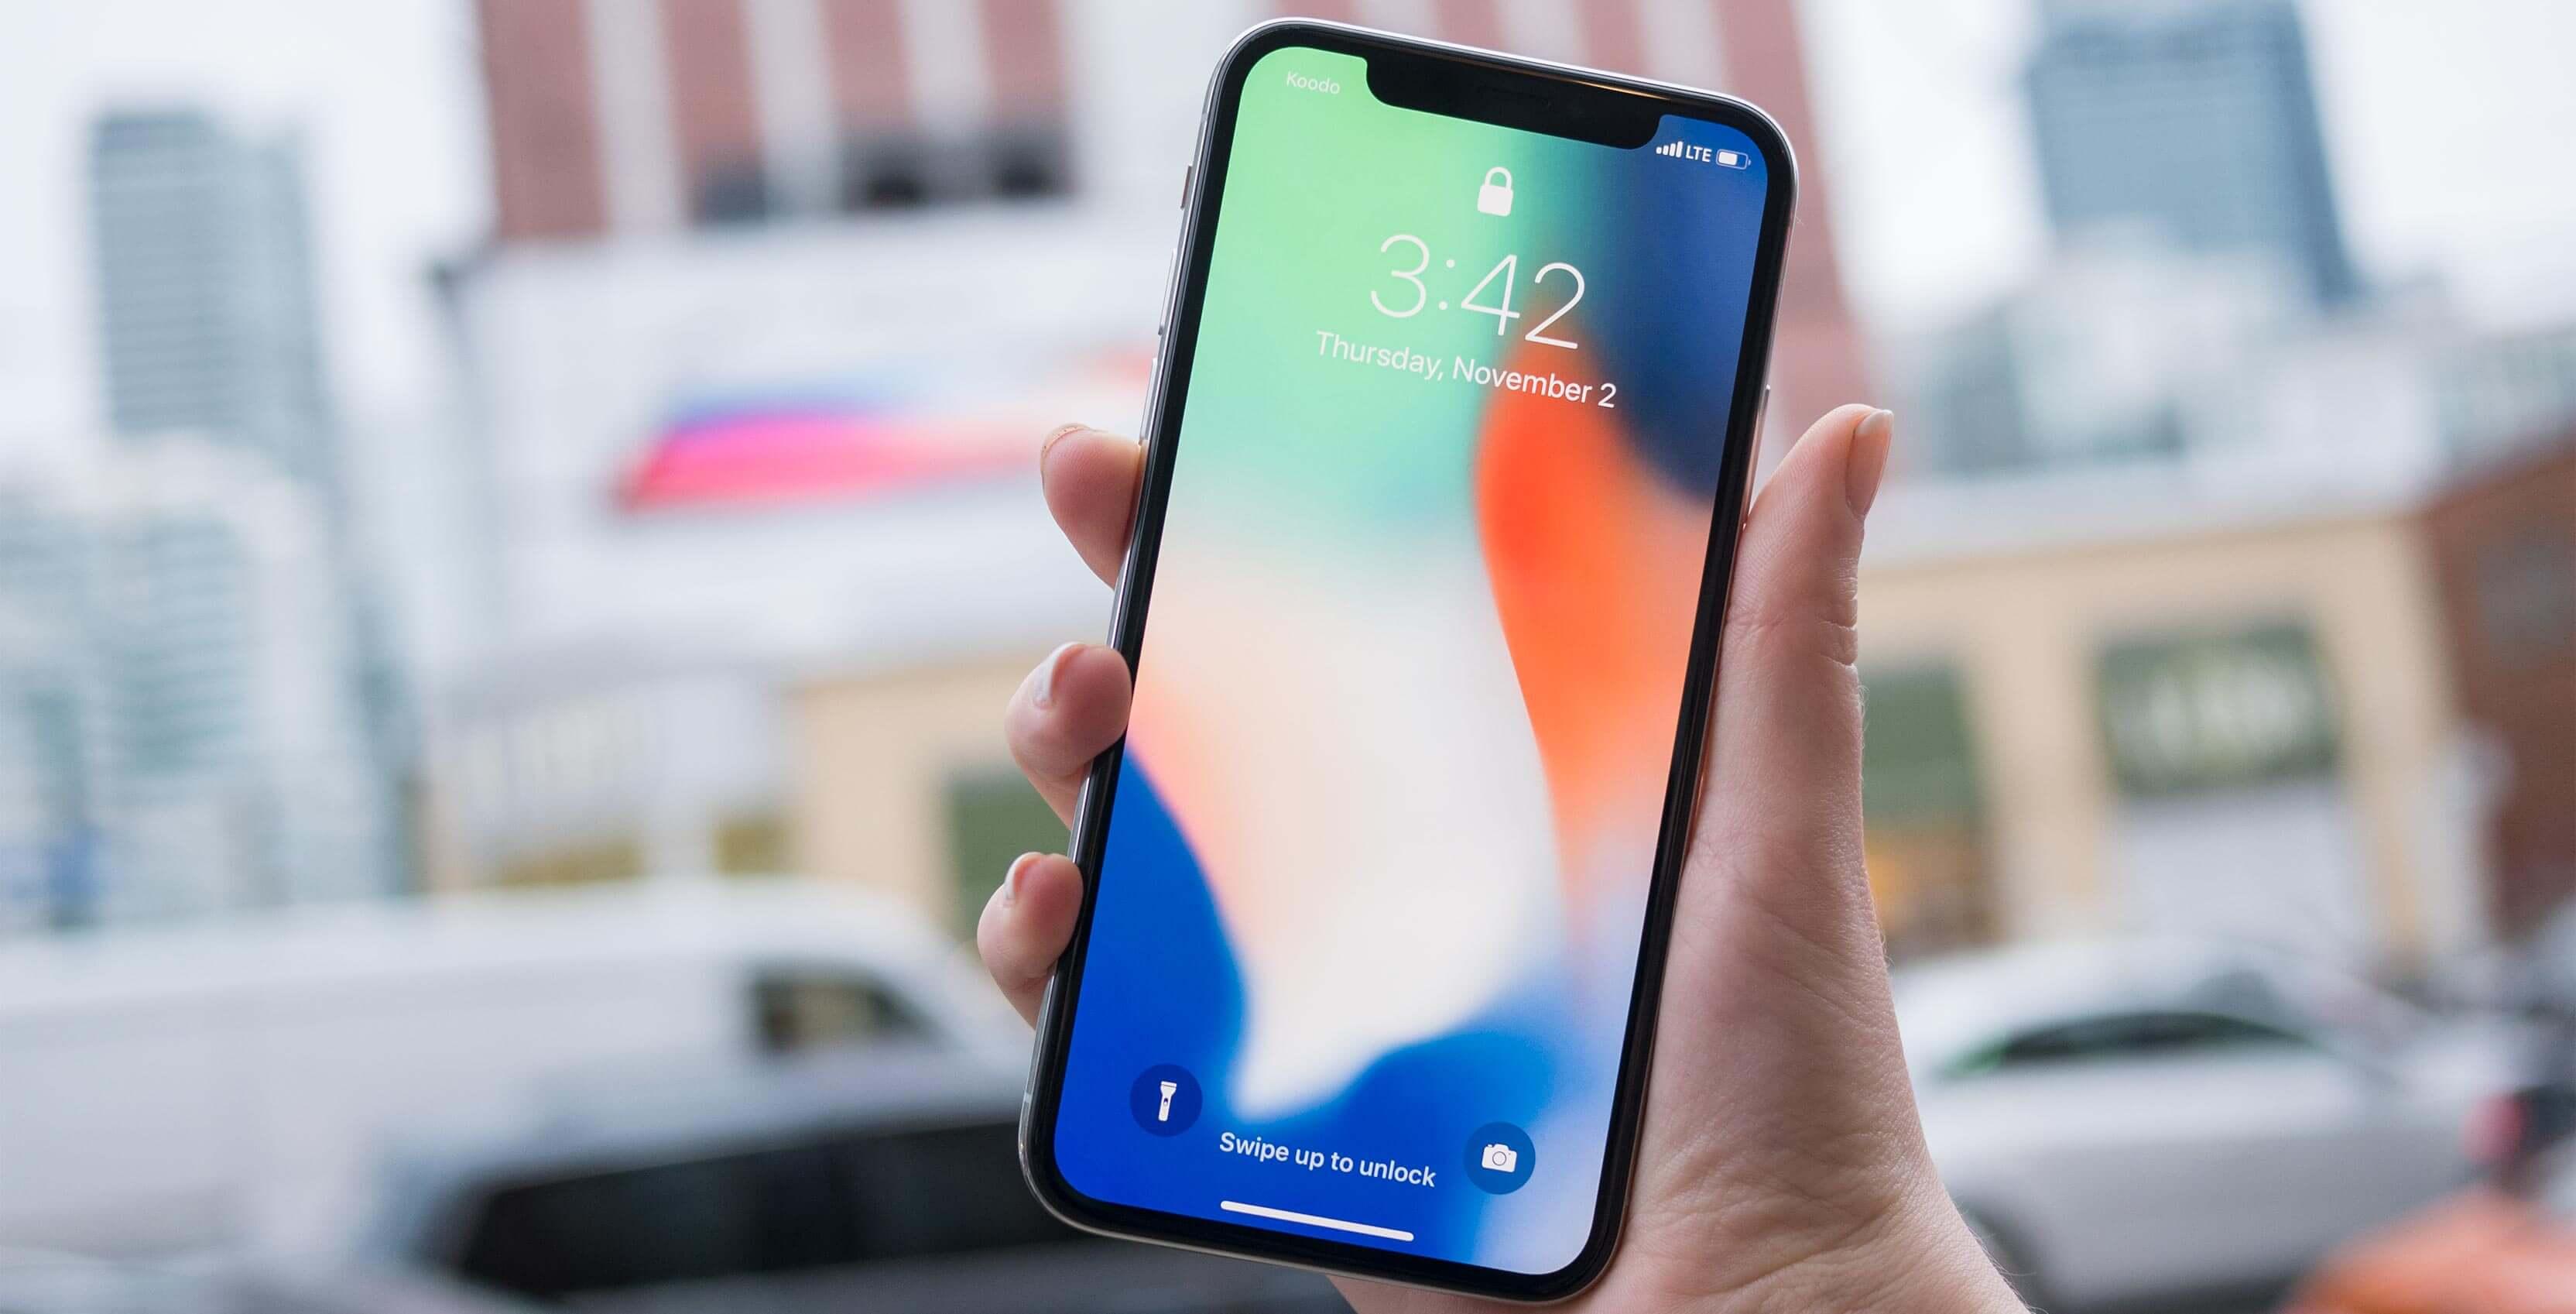 Китайские iPhone не отличить от оригинала. Будьте бдительны